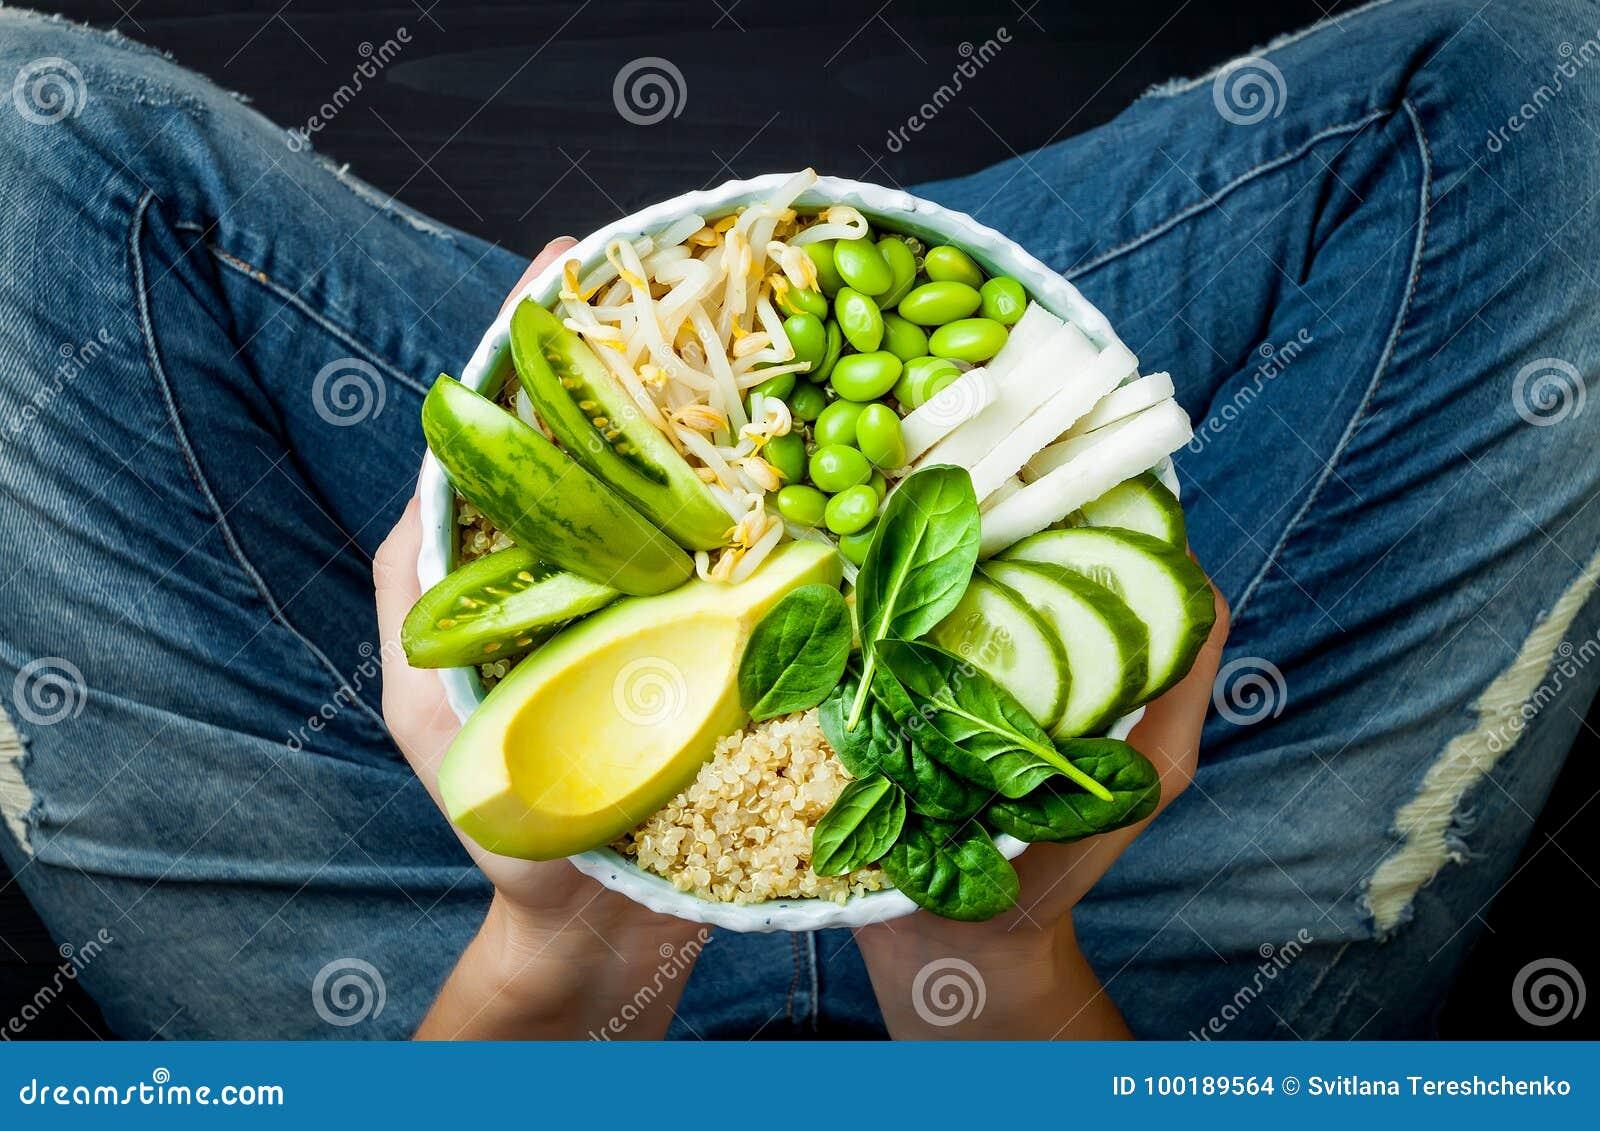 拿着素食主义者,戒毒所绿色菩萨碗的牛仔裤的女孩用奎奴亚藜,鲕梨,黄瓜,菠菜,蕃茄,绿豆新芽, edamame